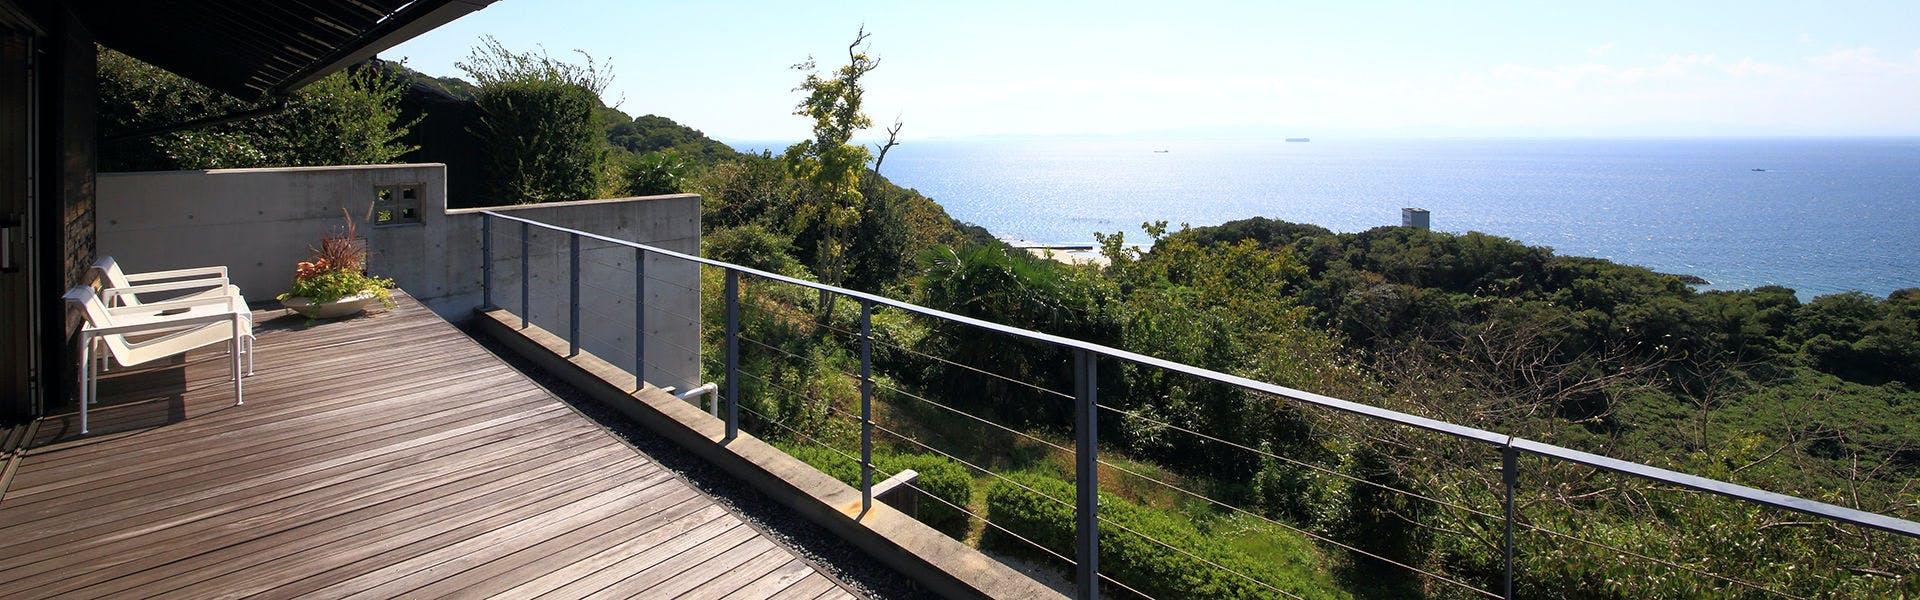 記念日におすすめのホテル・【知多半島 海のしょうげつ】の写真1